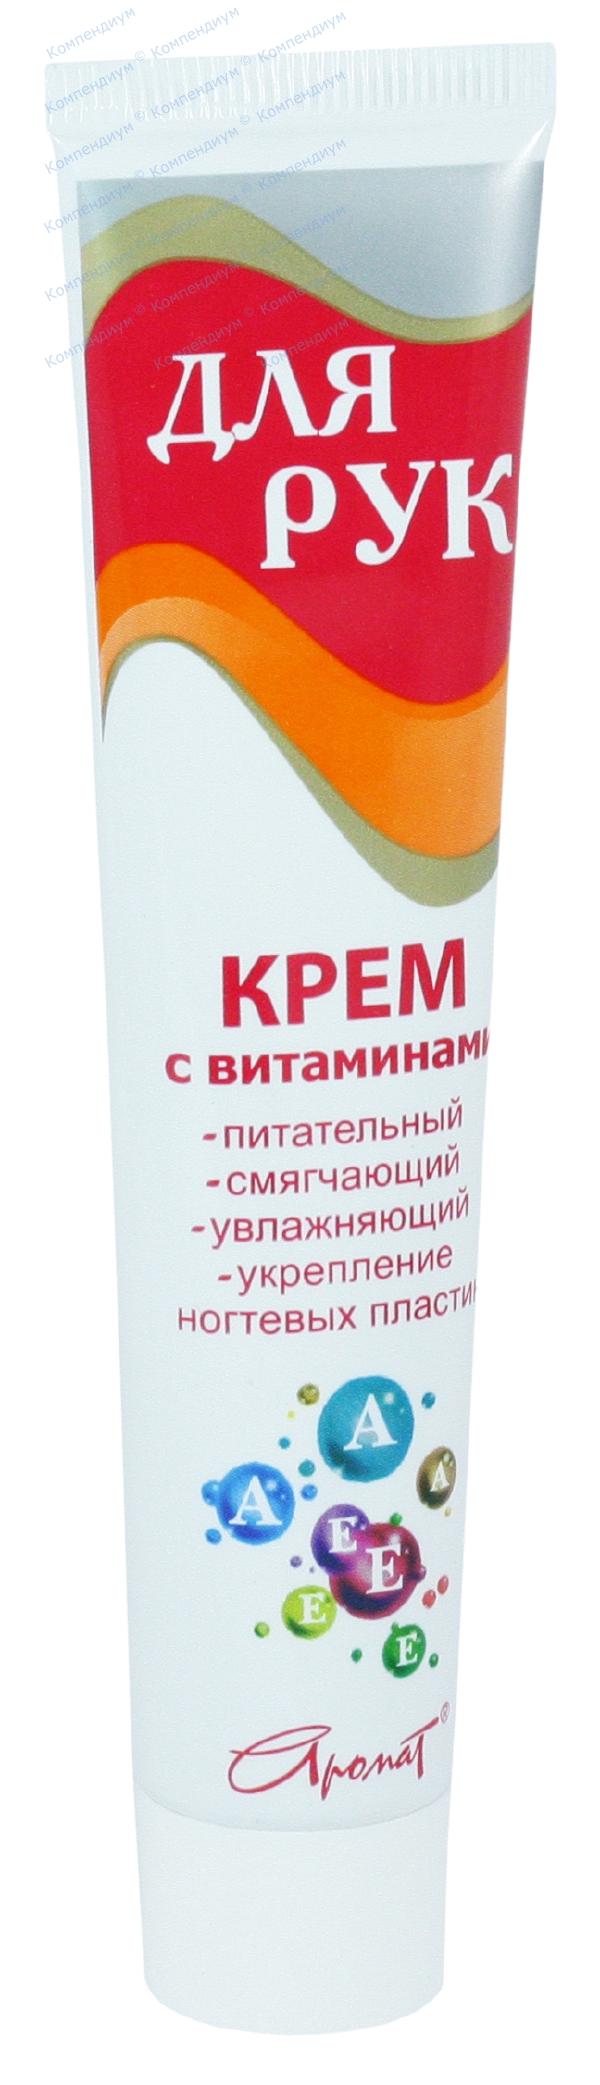 Крем д/рук с витаминами питательный туба 44 г